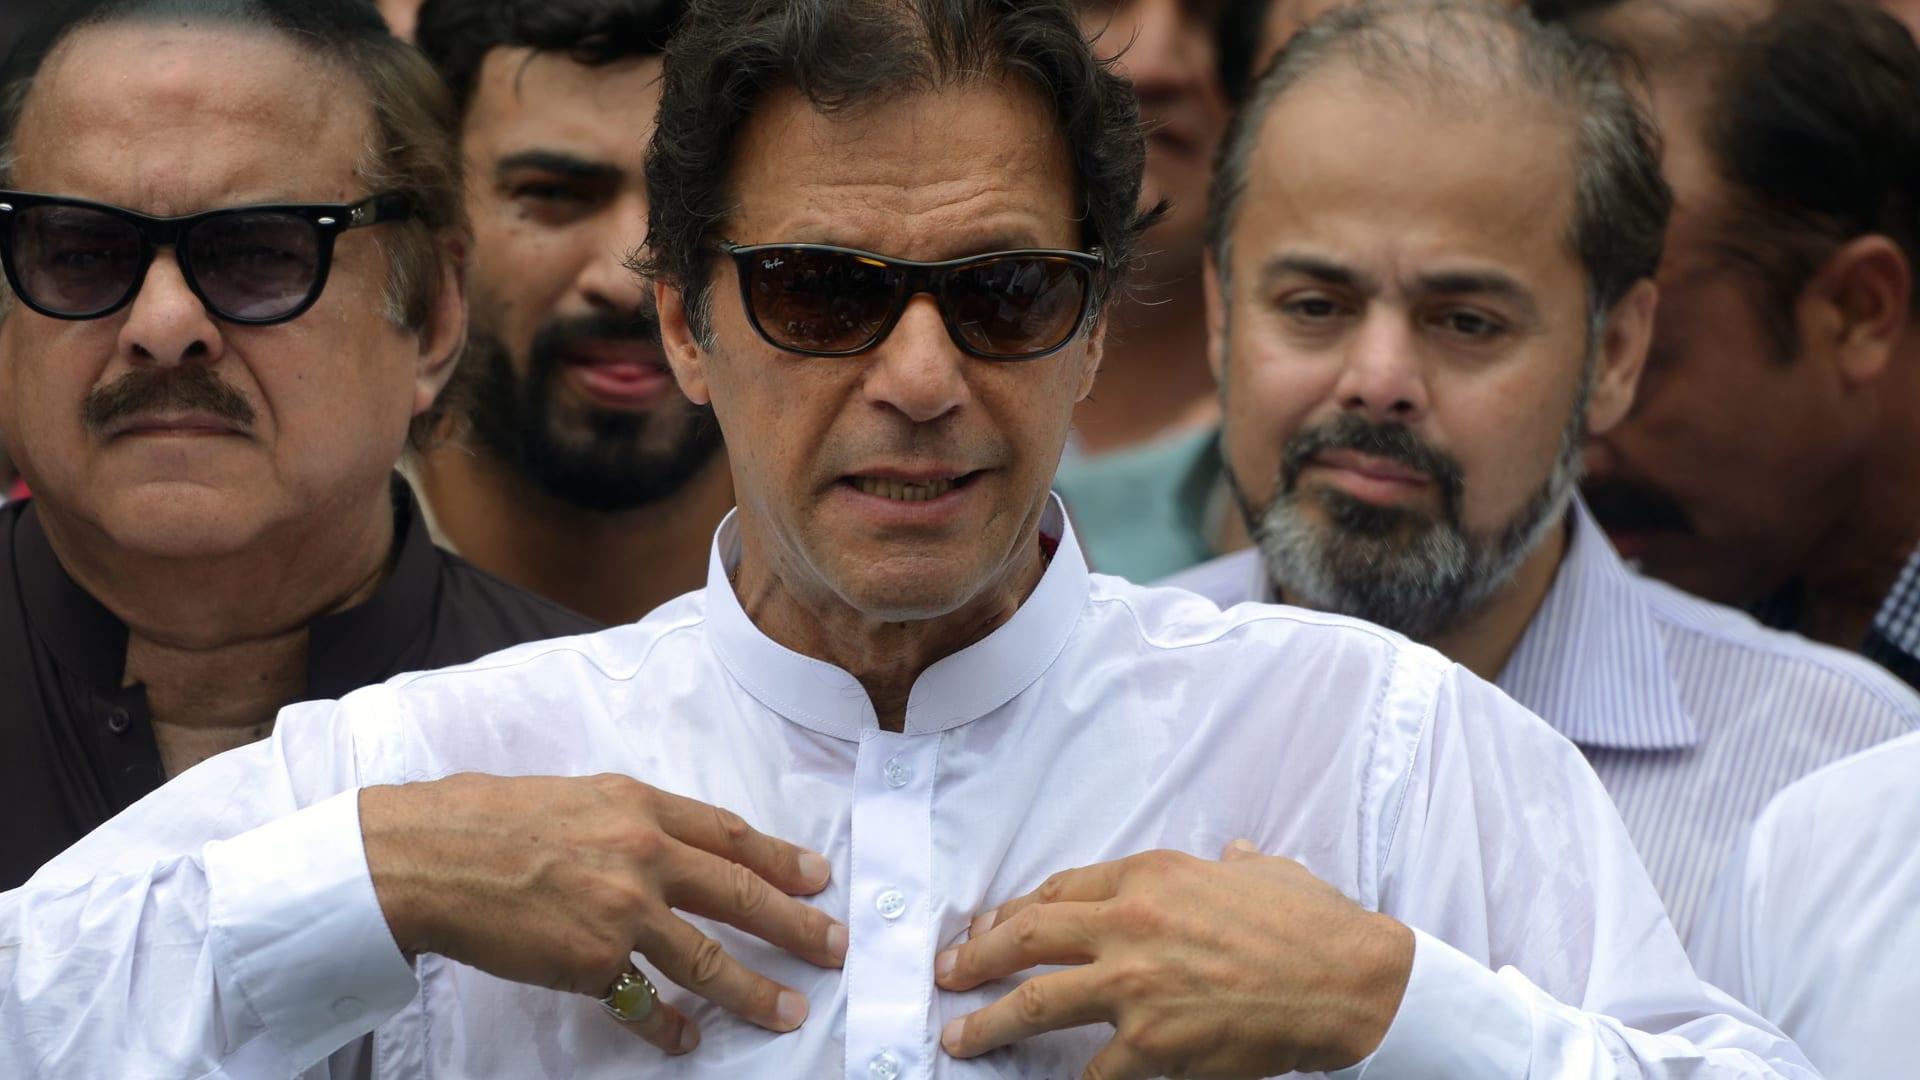 النتائج النهائية.. عمران خان يفوز بالانتخابات الباكستانية ويبدأ رحلة تشكيل الحكومة